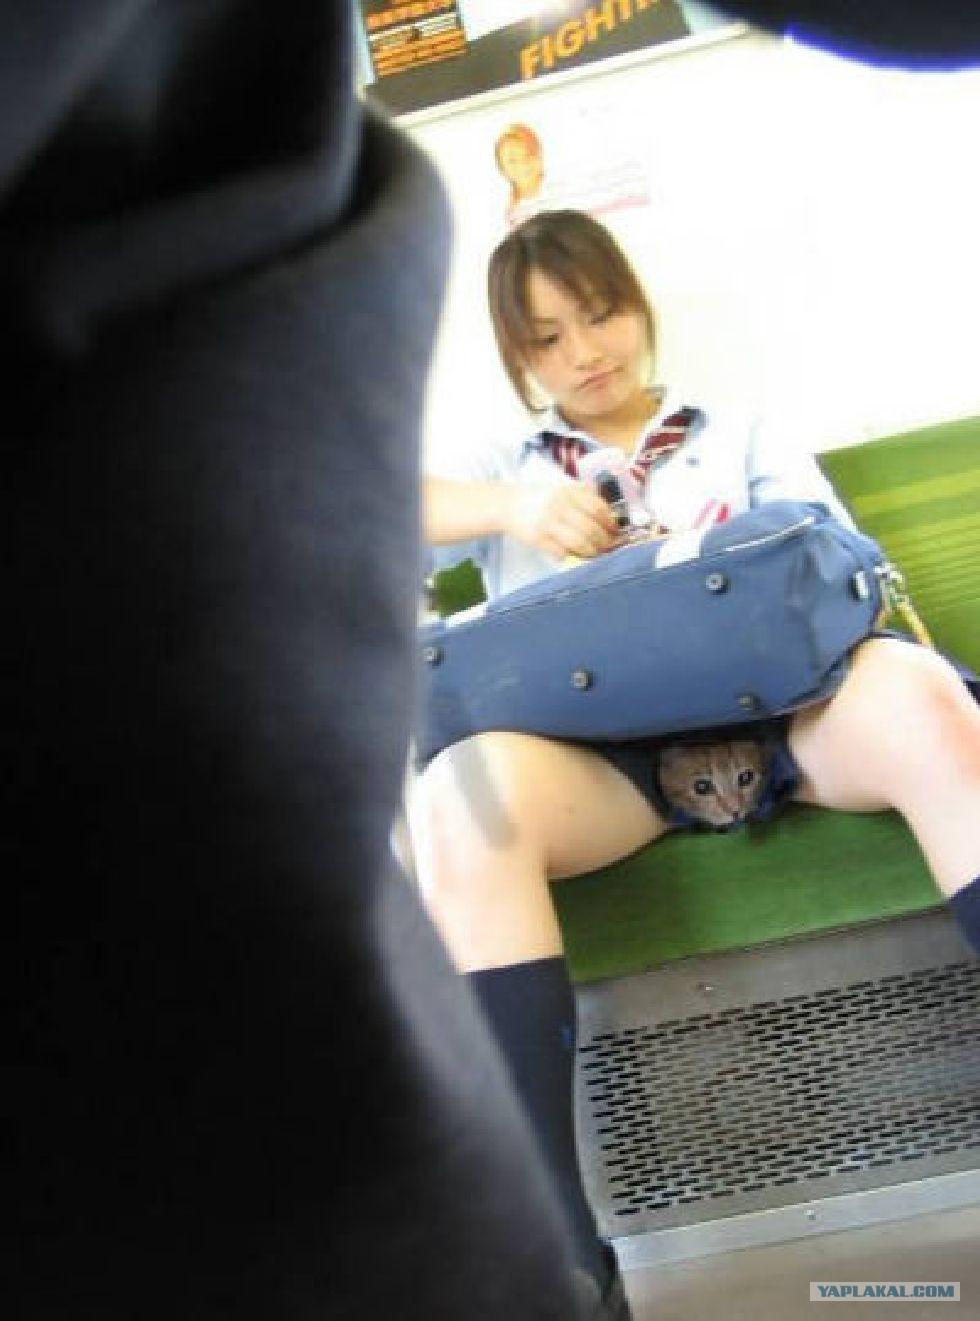 девочка ласкает себя через одежду